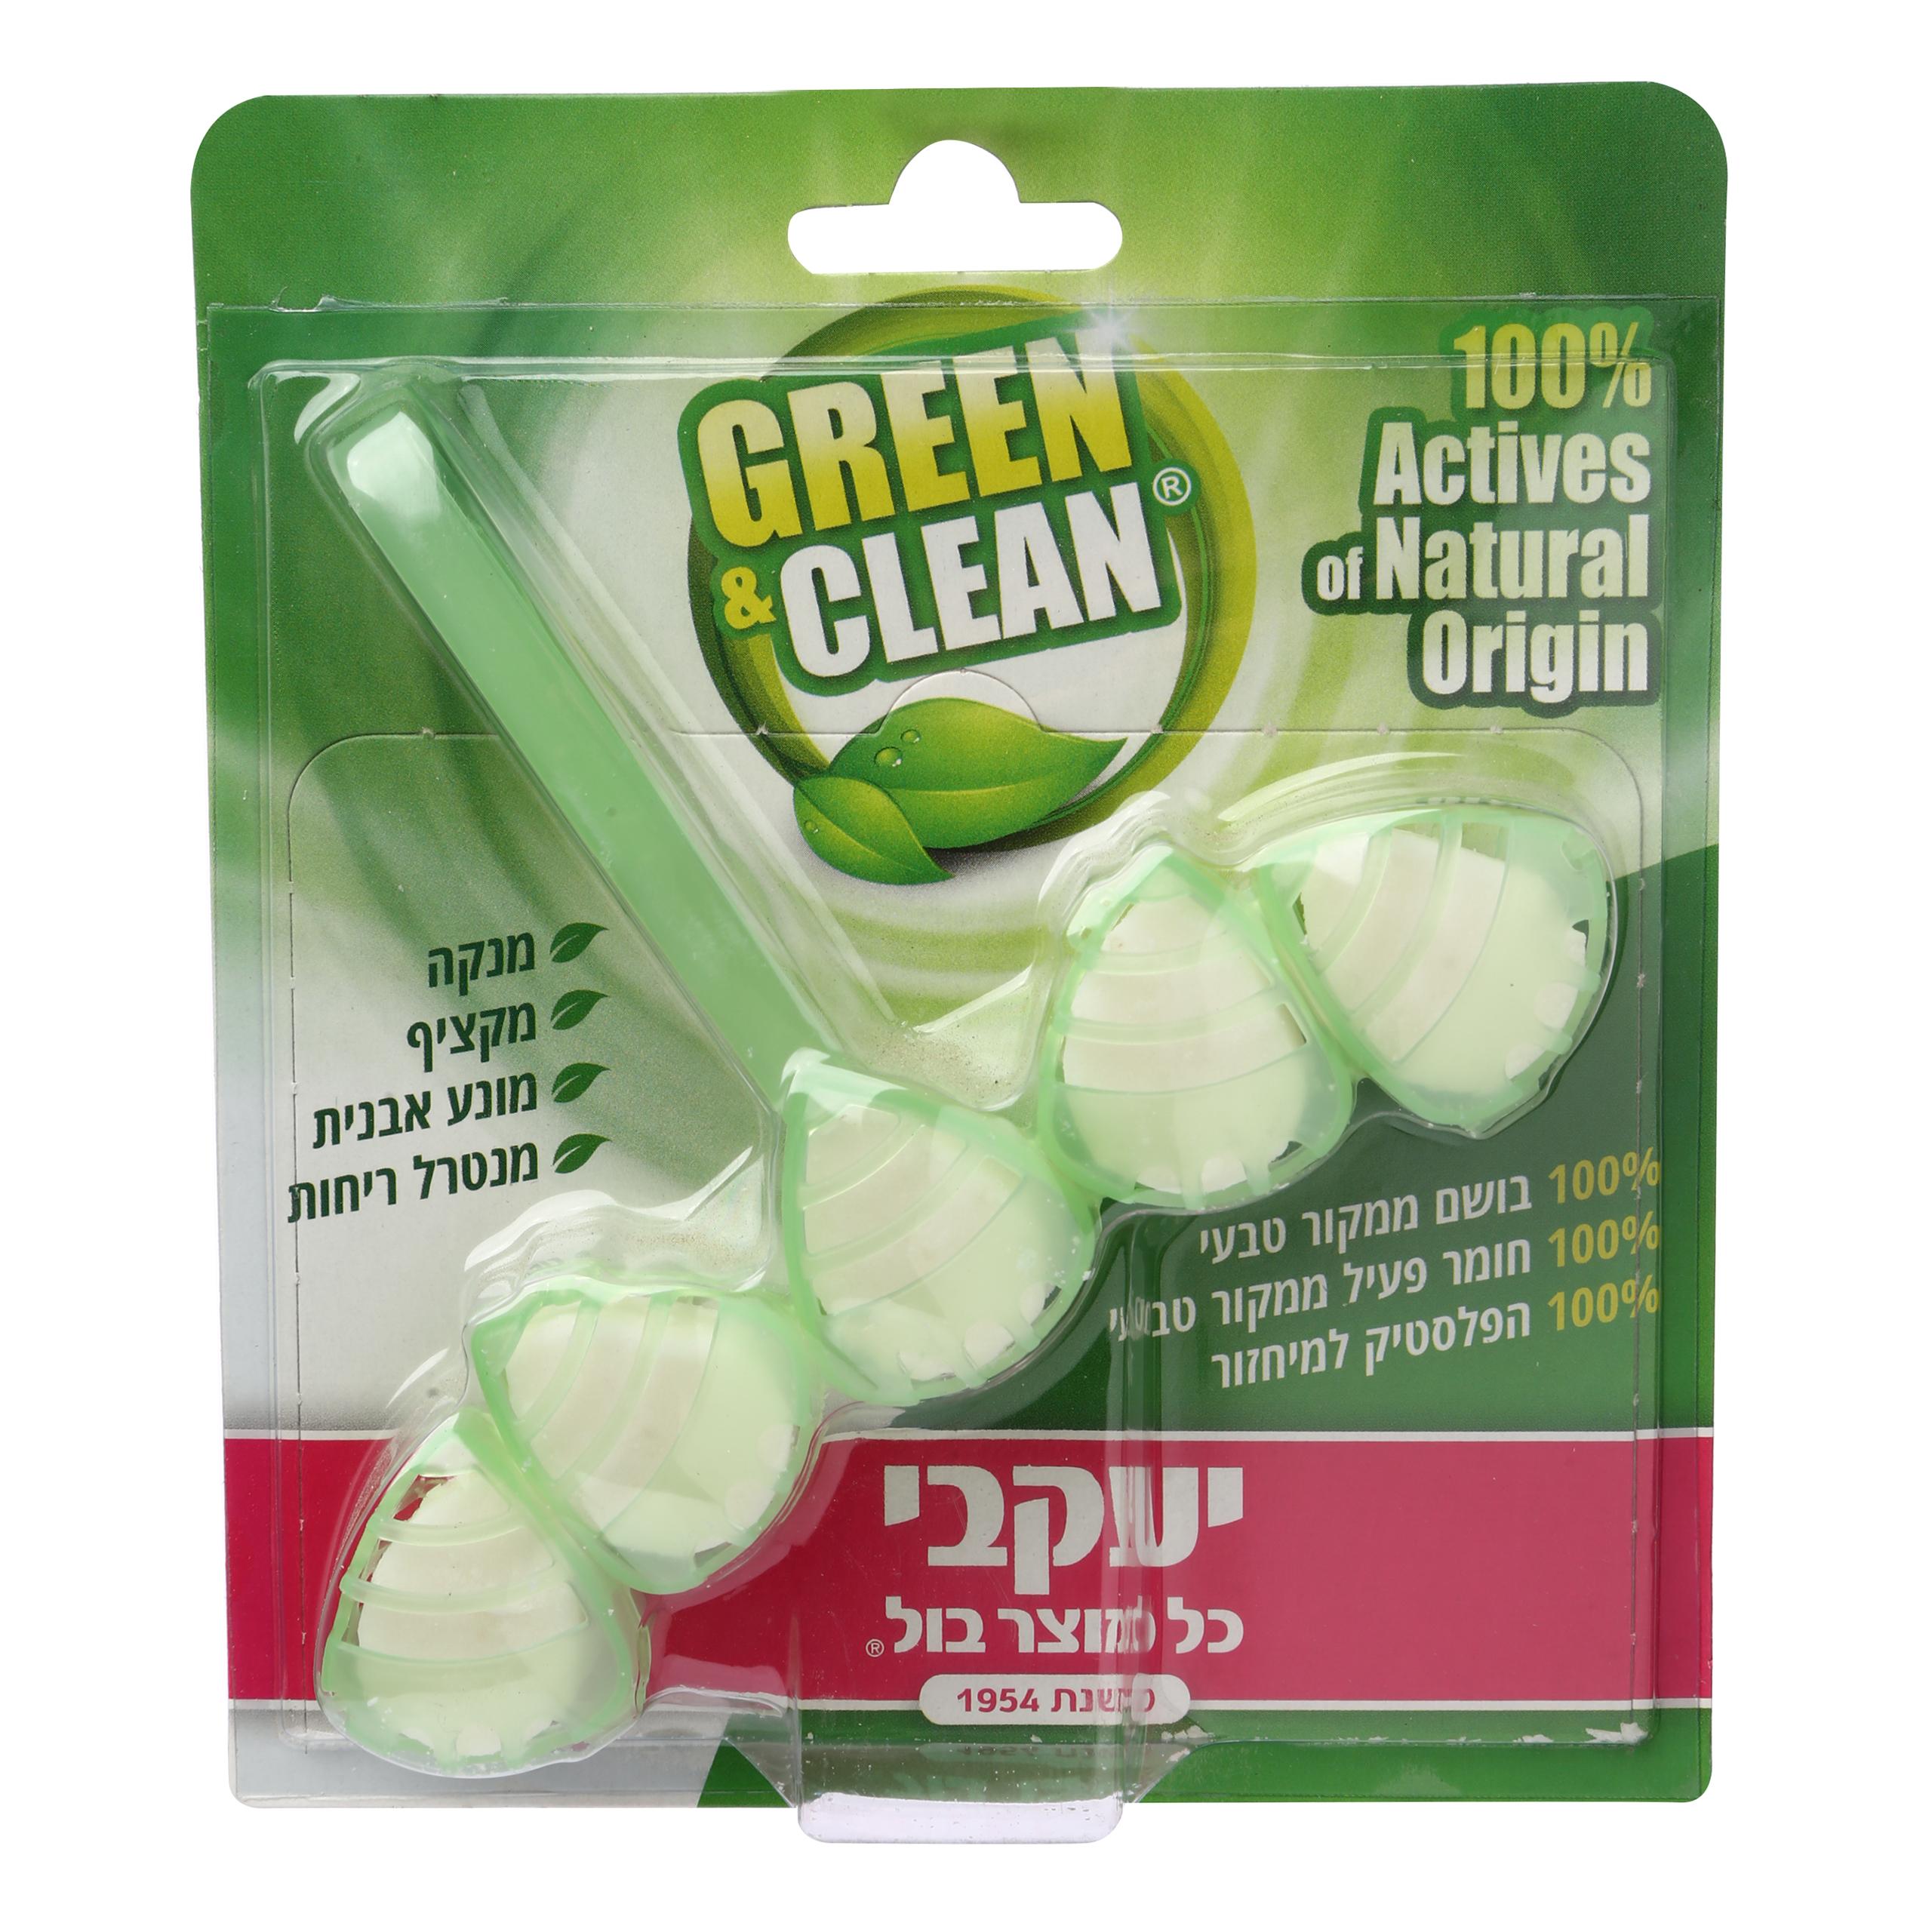 הפי סבון אסלה 5 טיפות טבעי GREEN&CLEAN